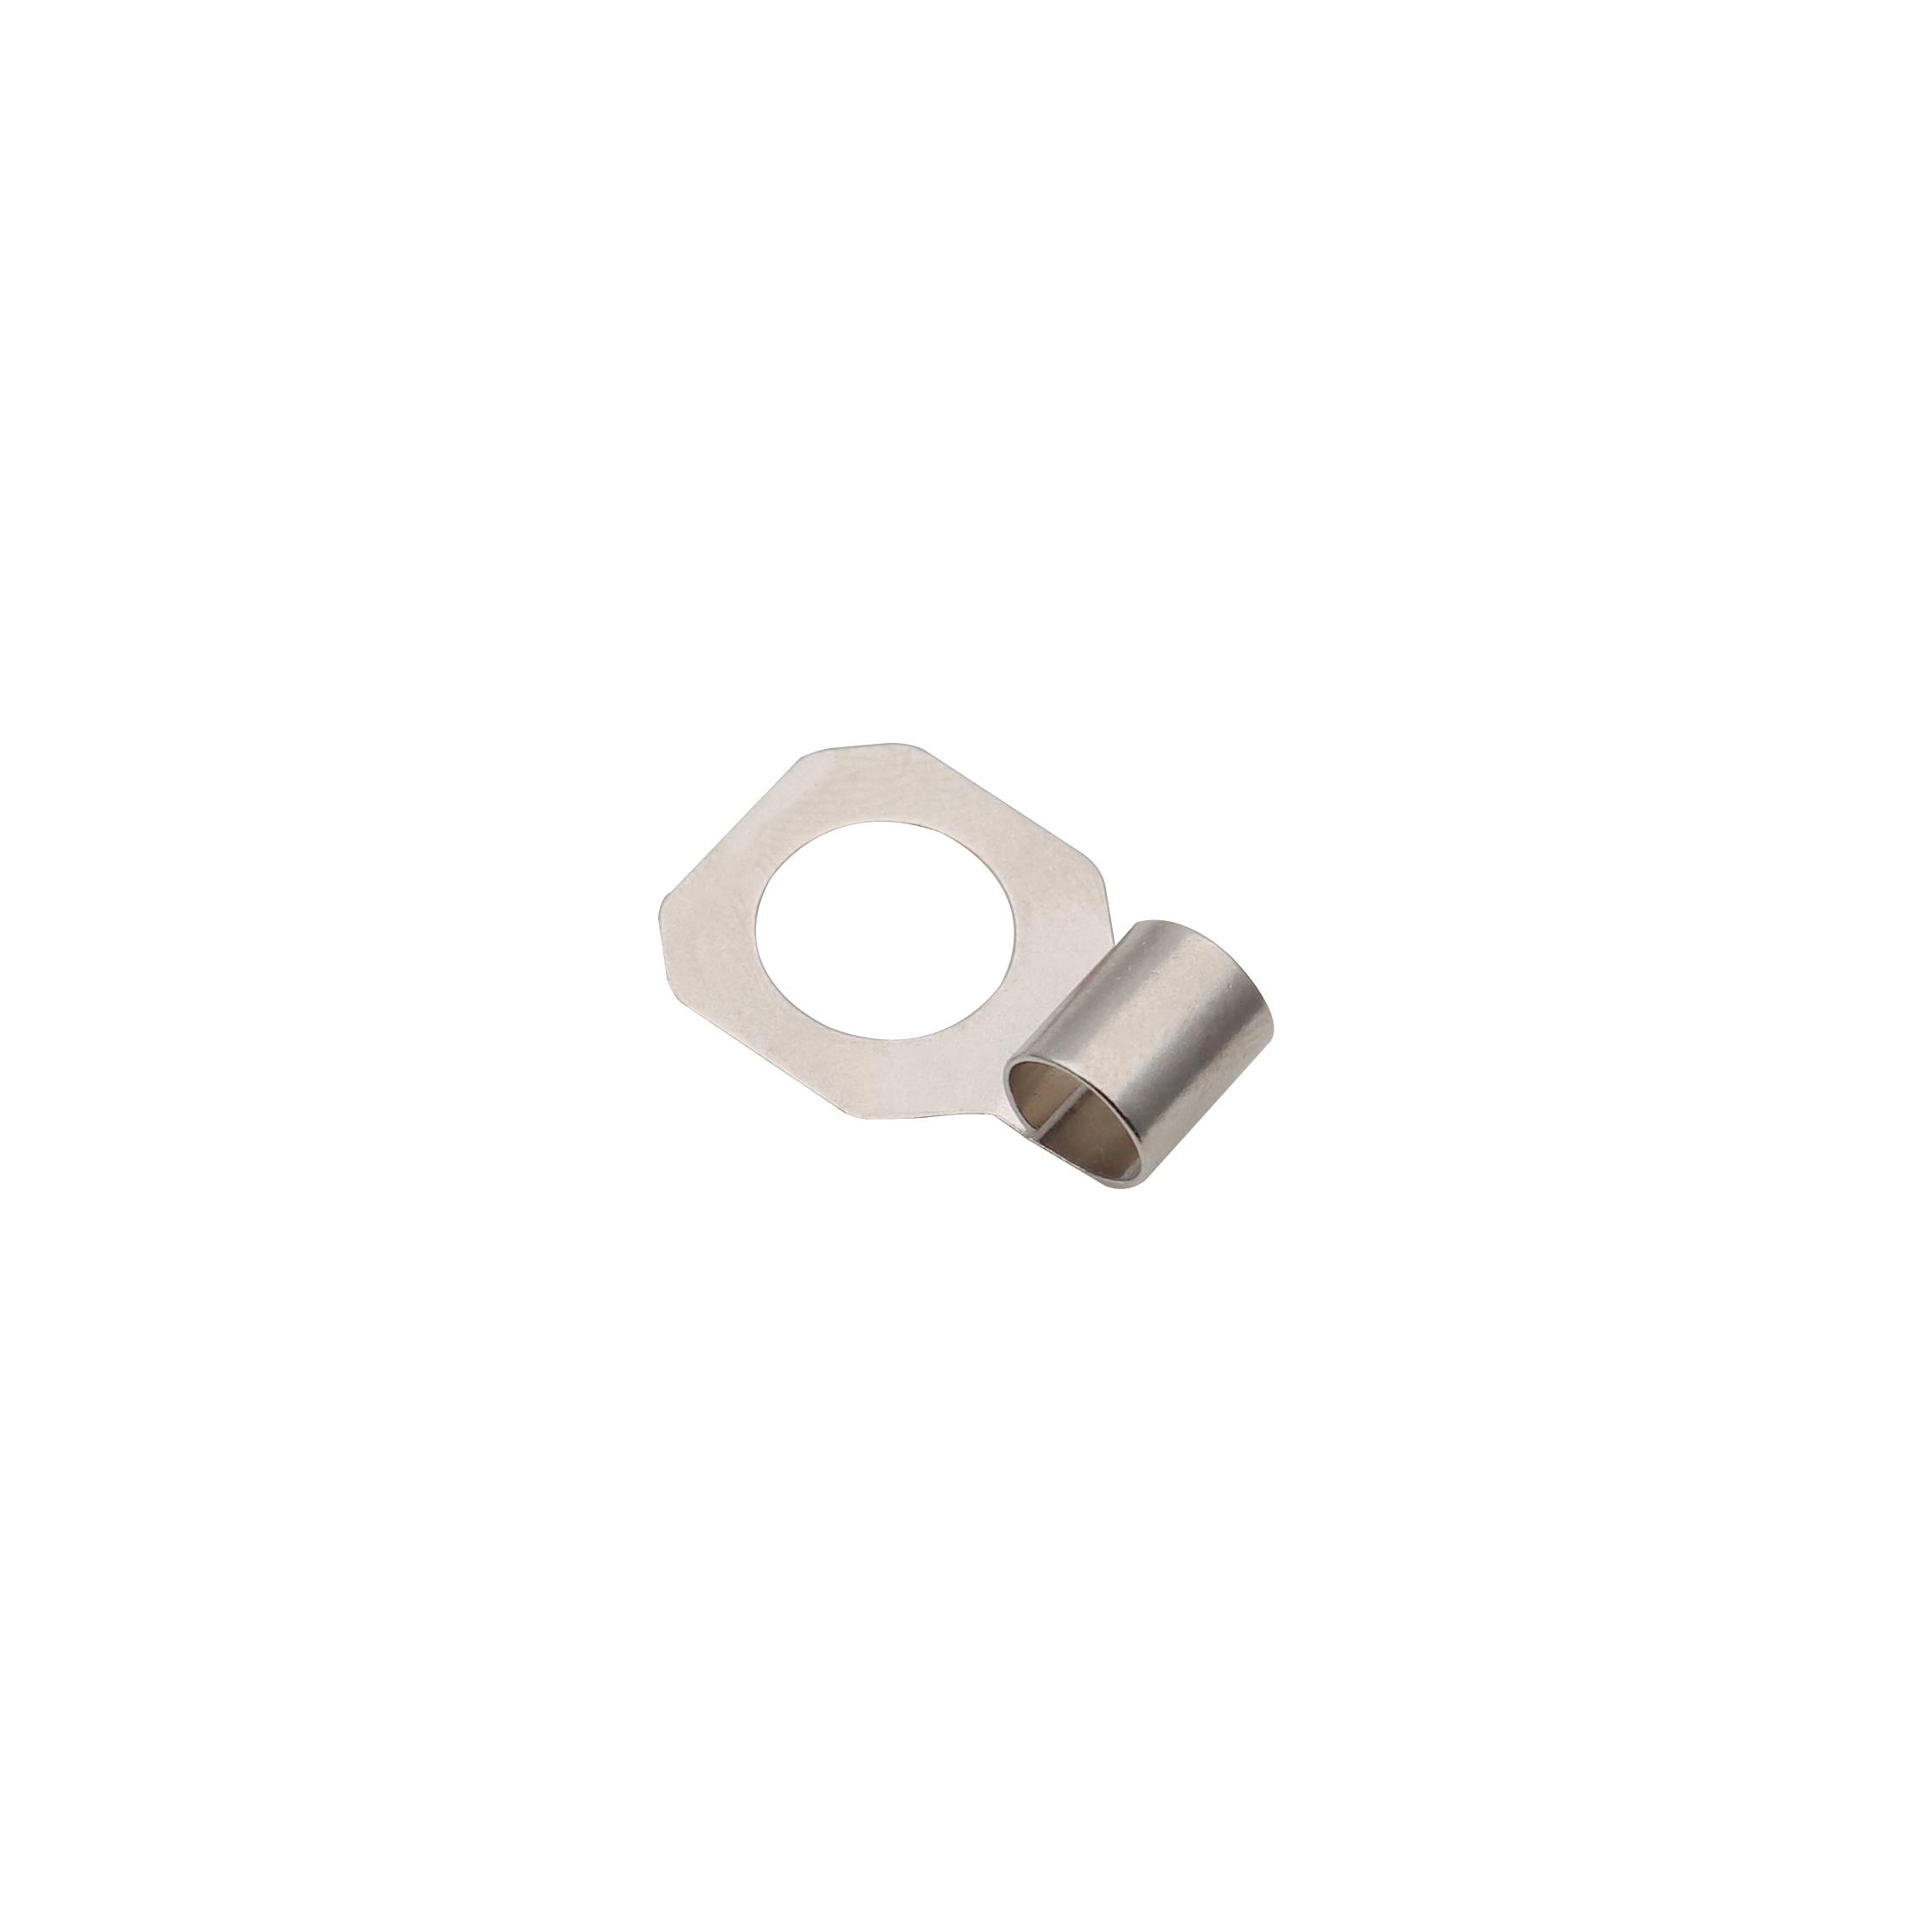 7x13x20x0.3t純鎳端子 傳感器端子精密端子生產廠家志盈端子